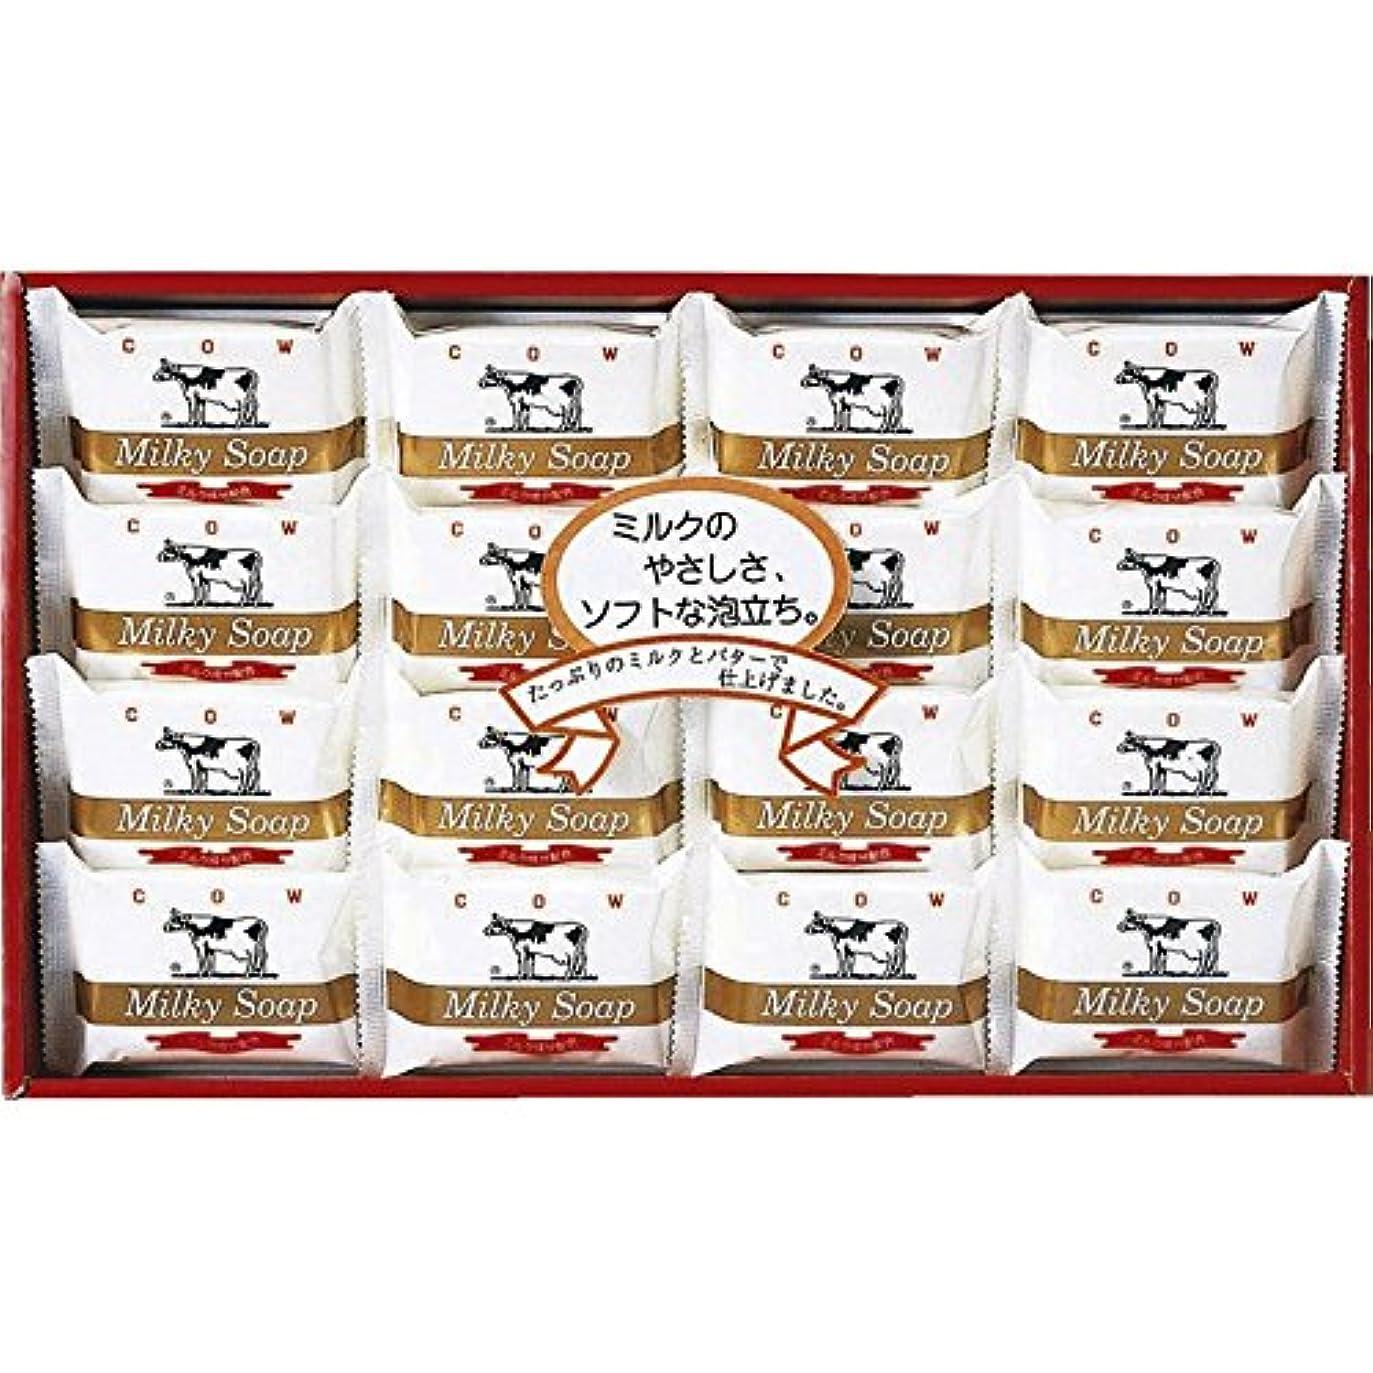 孤児宿る特殊牛乳石鹸 ゴールドソープセット 【固形 ギフト せっけん あわ いい香り いい匂い うるおい プレゼント お風呂 かおり からだ きれい つめあわせ かうぶらんど 2000】